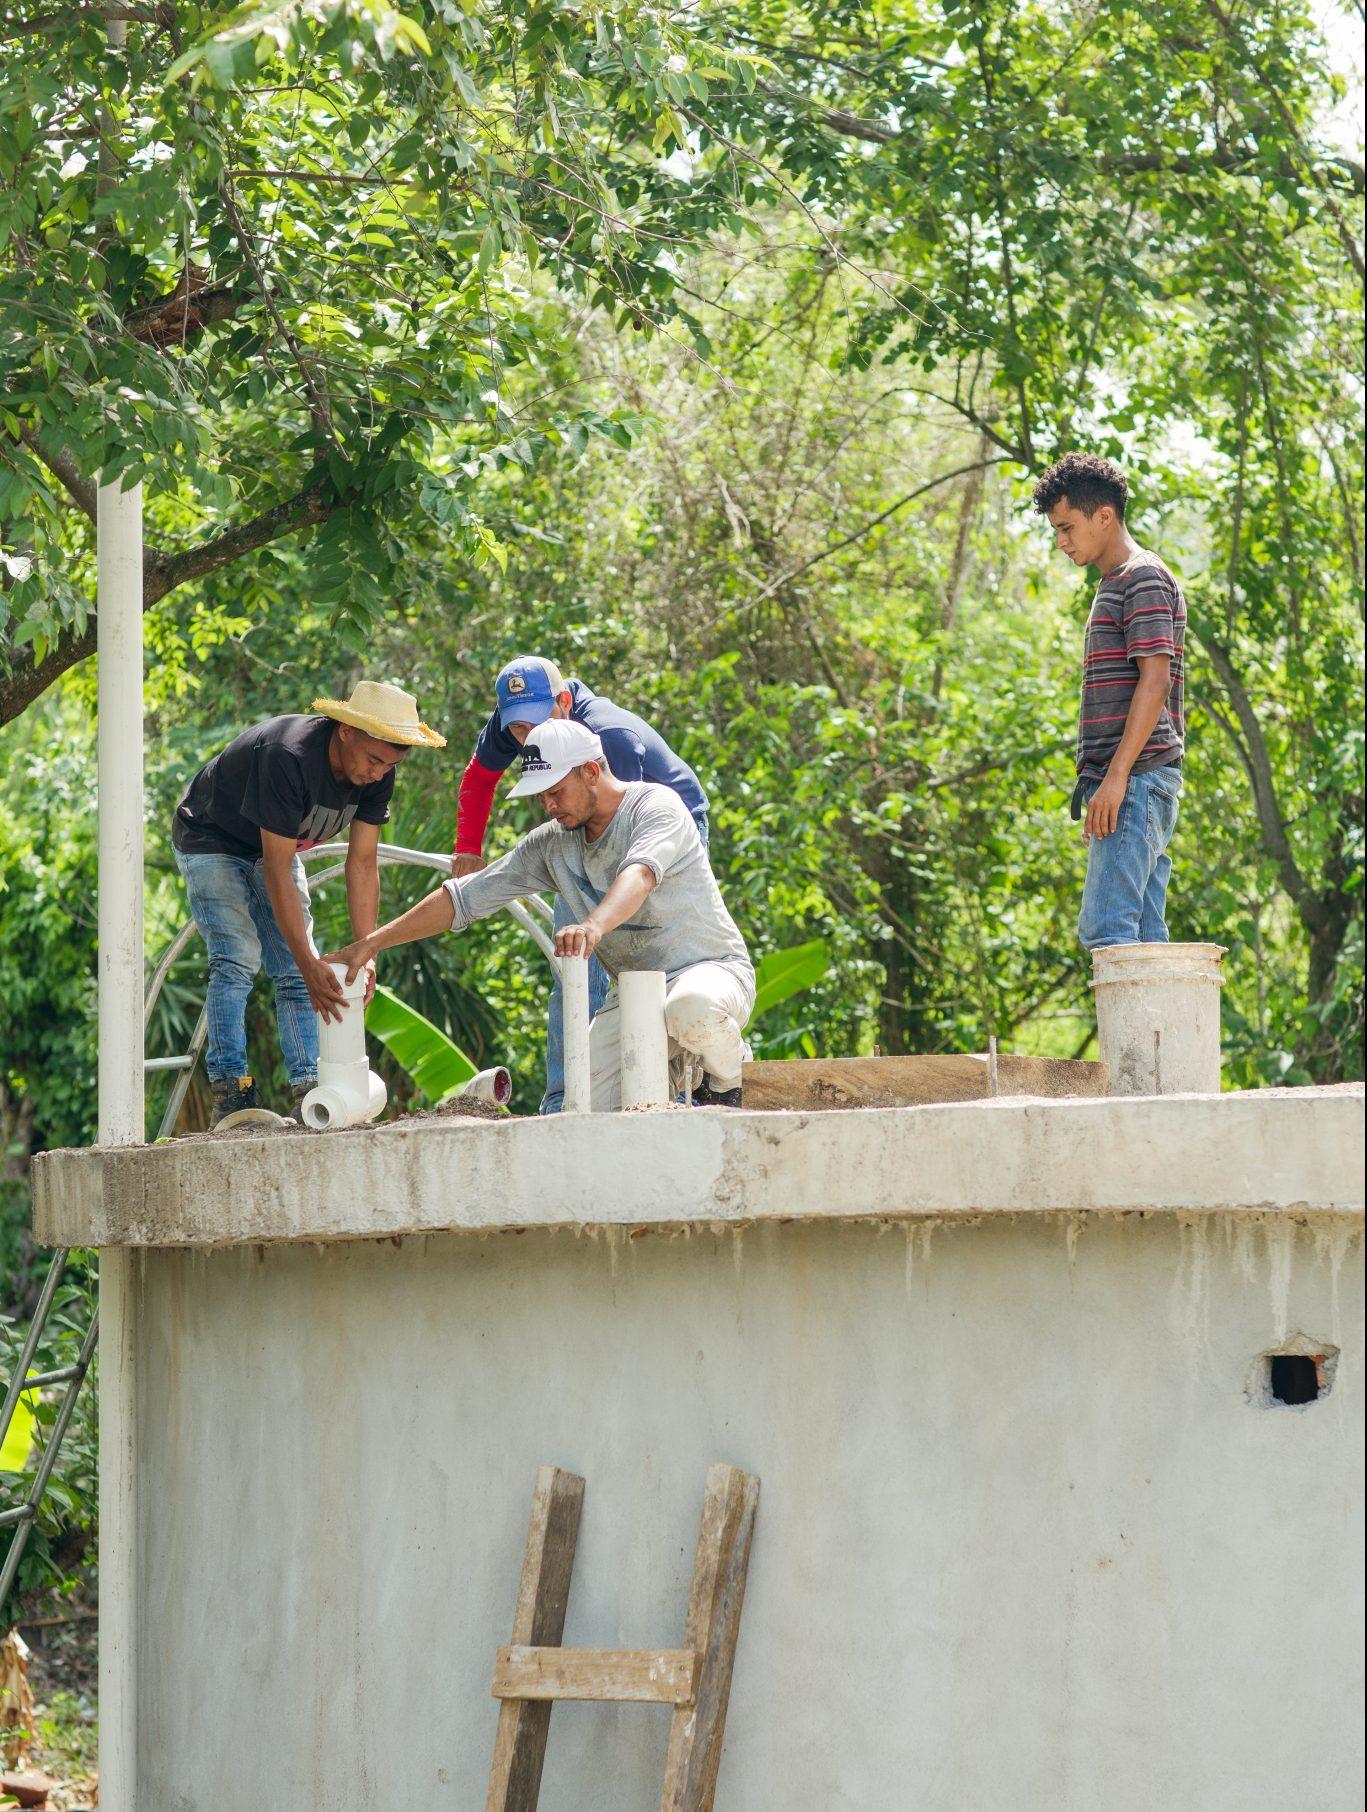 Honduras06_SanAntonio_SanJosedelosCordoncillos_20190621-2